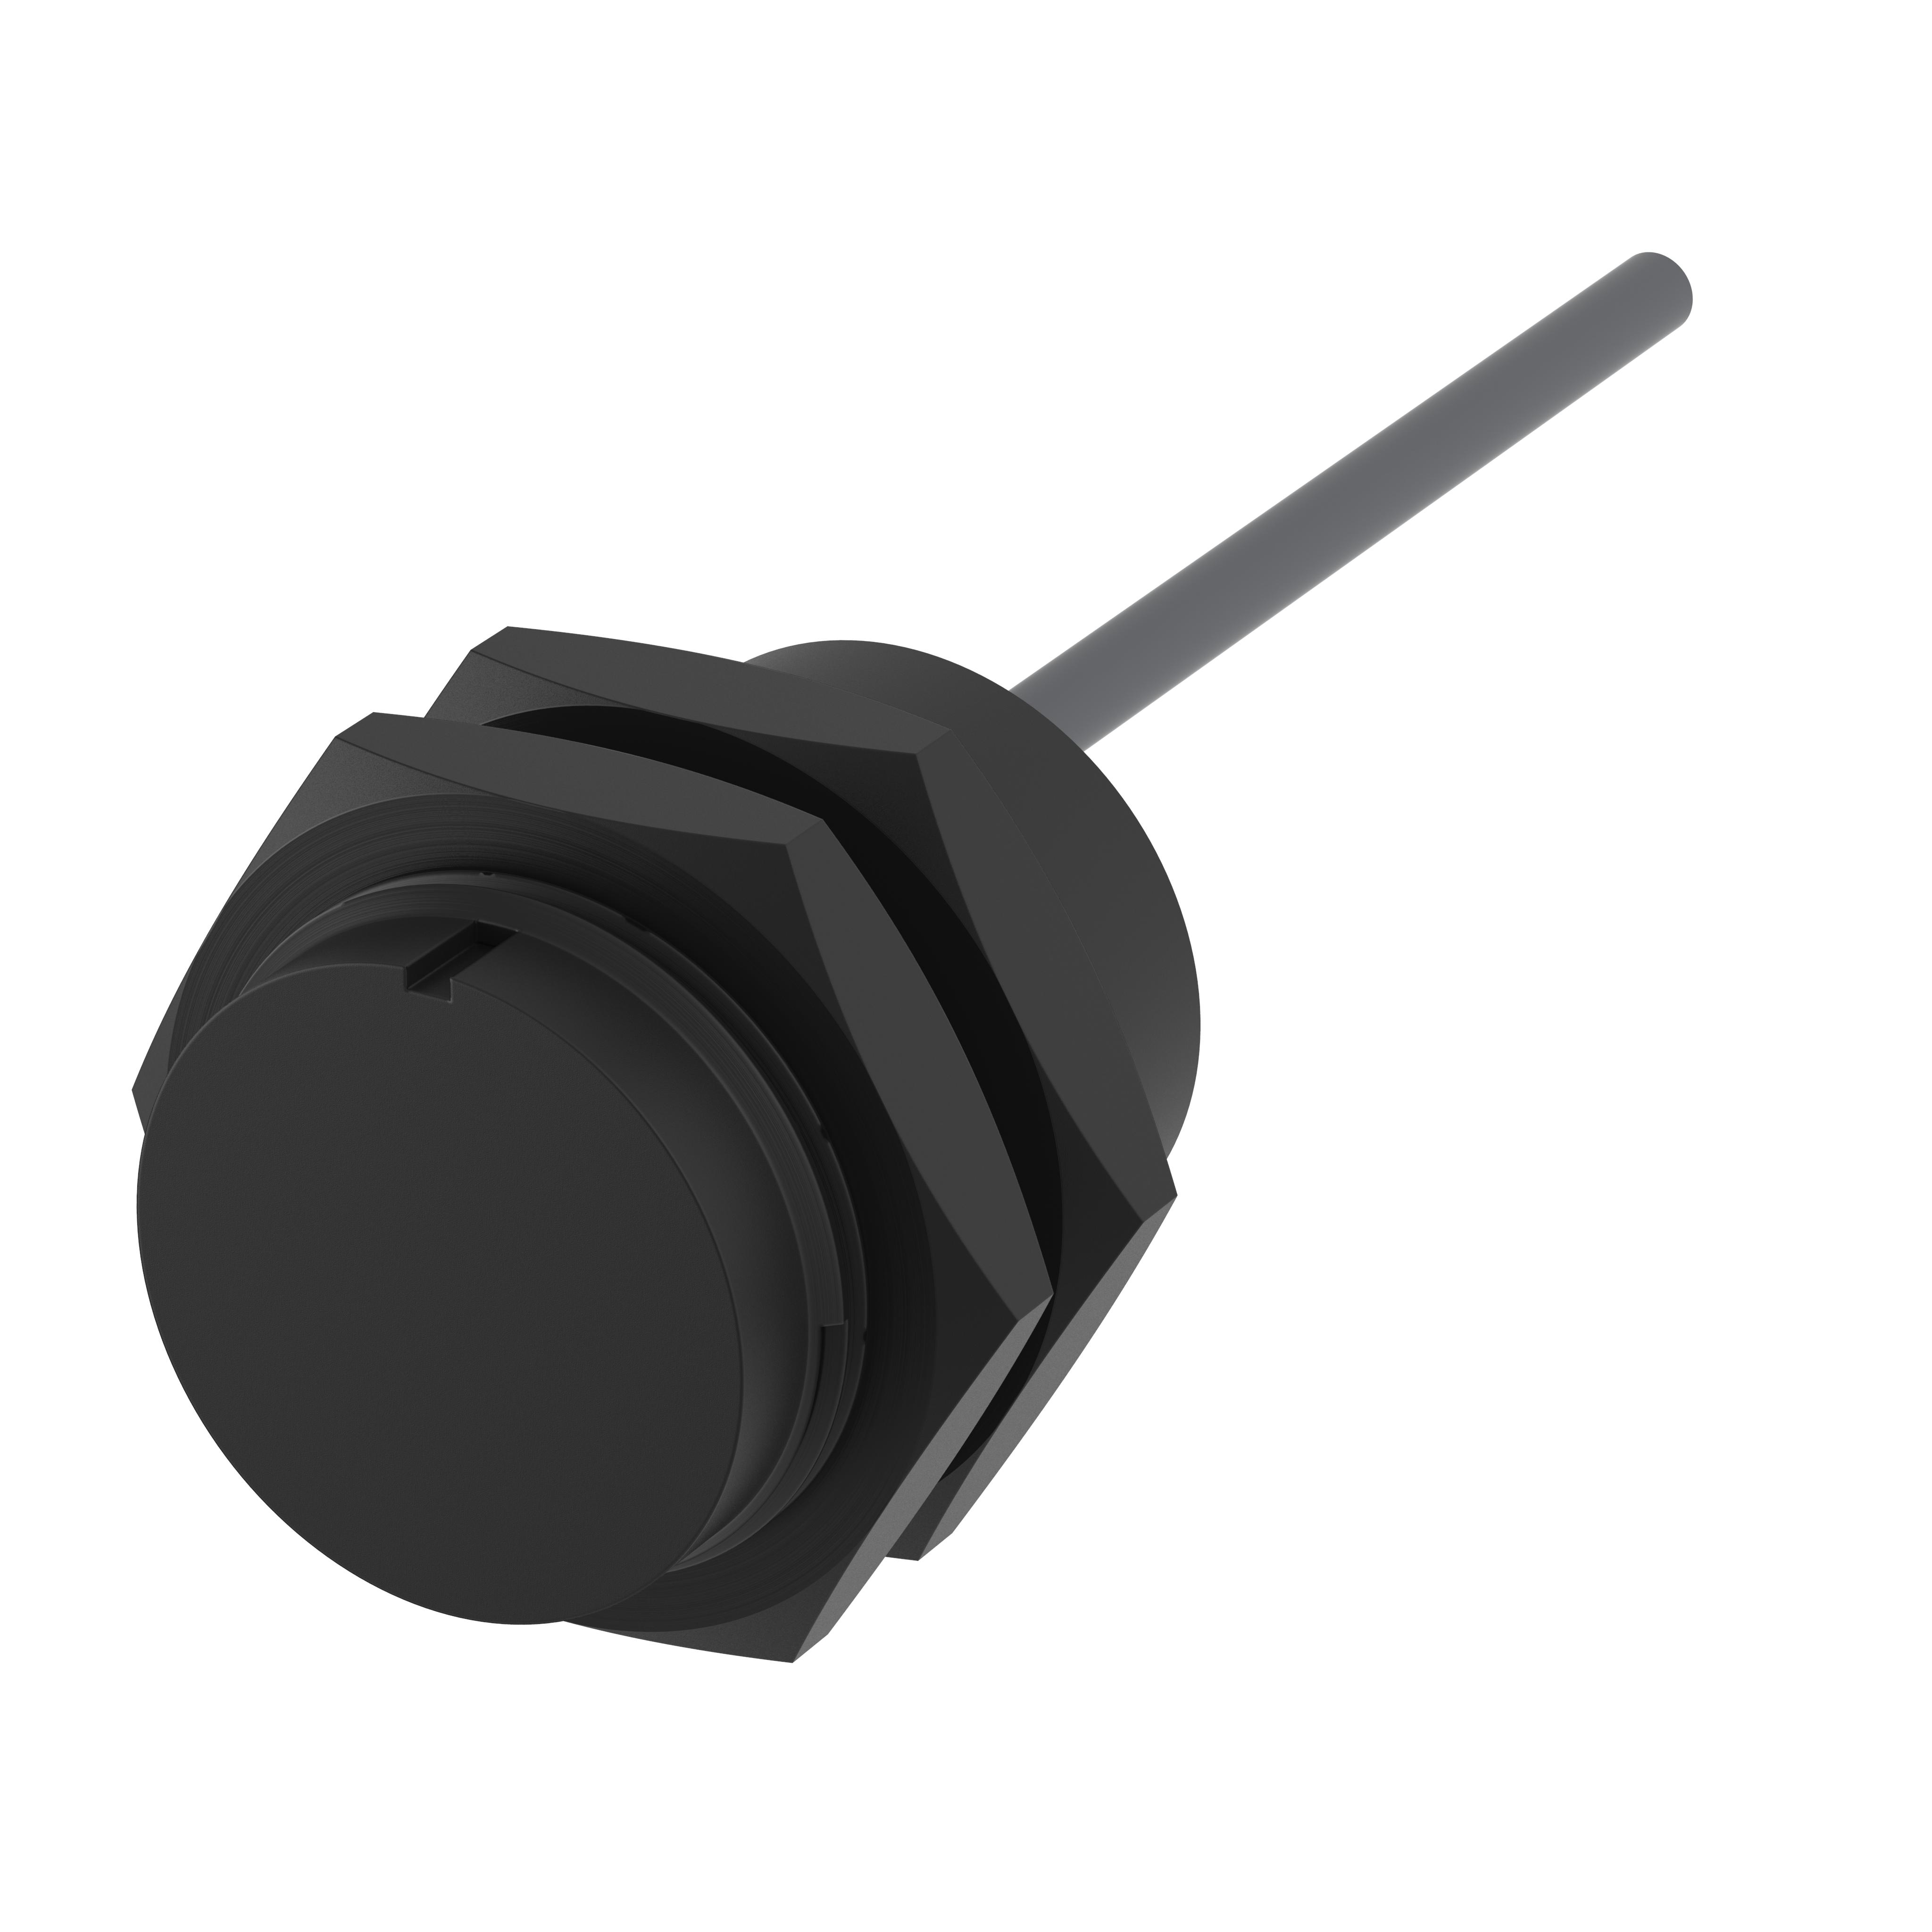 Sicherheitssensor - 171261-5 - magnetisch betätigt - Schließer/Schließer/Schließer, 5m Kabel